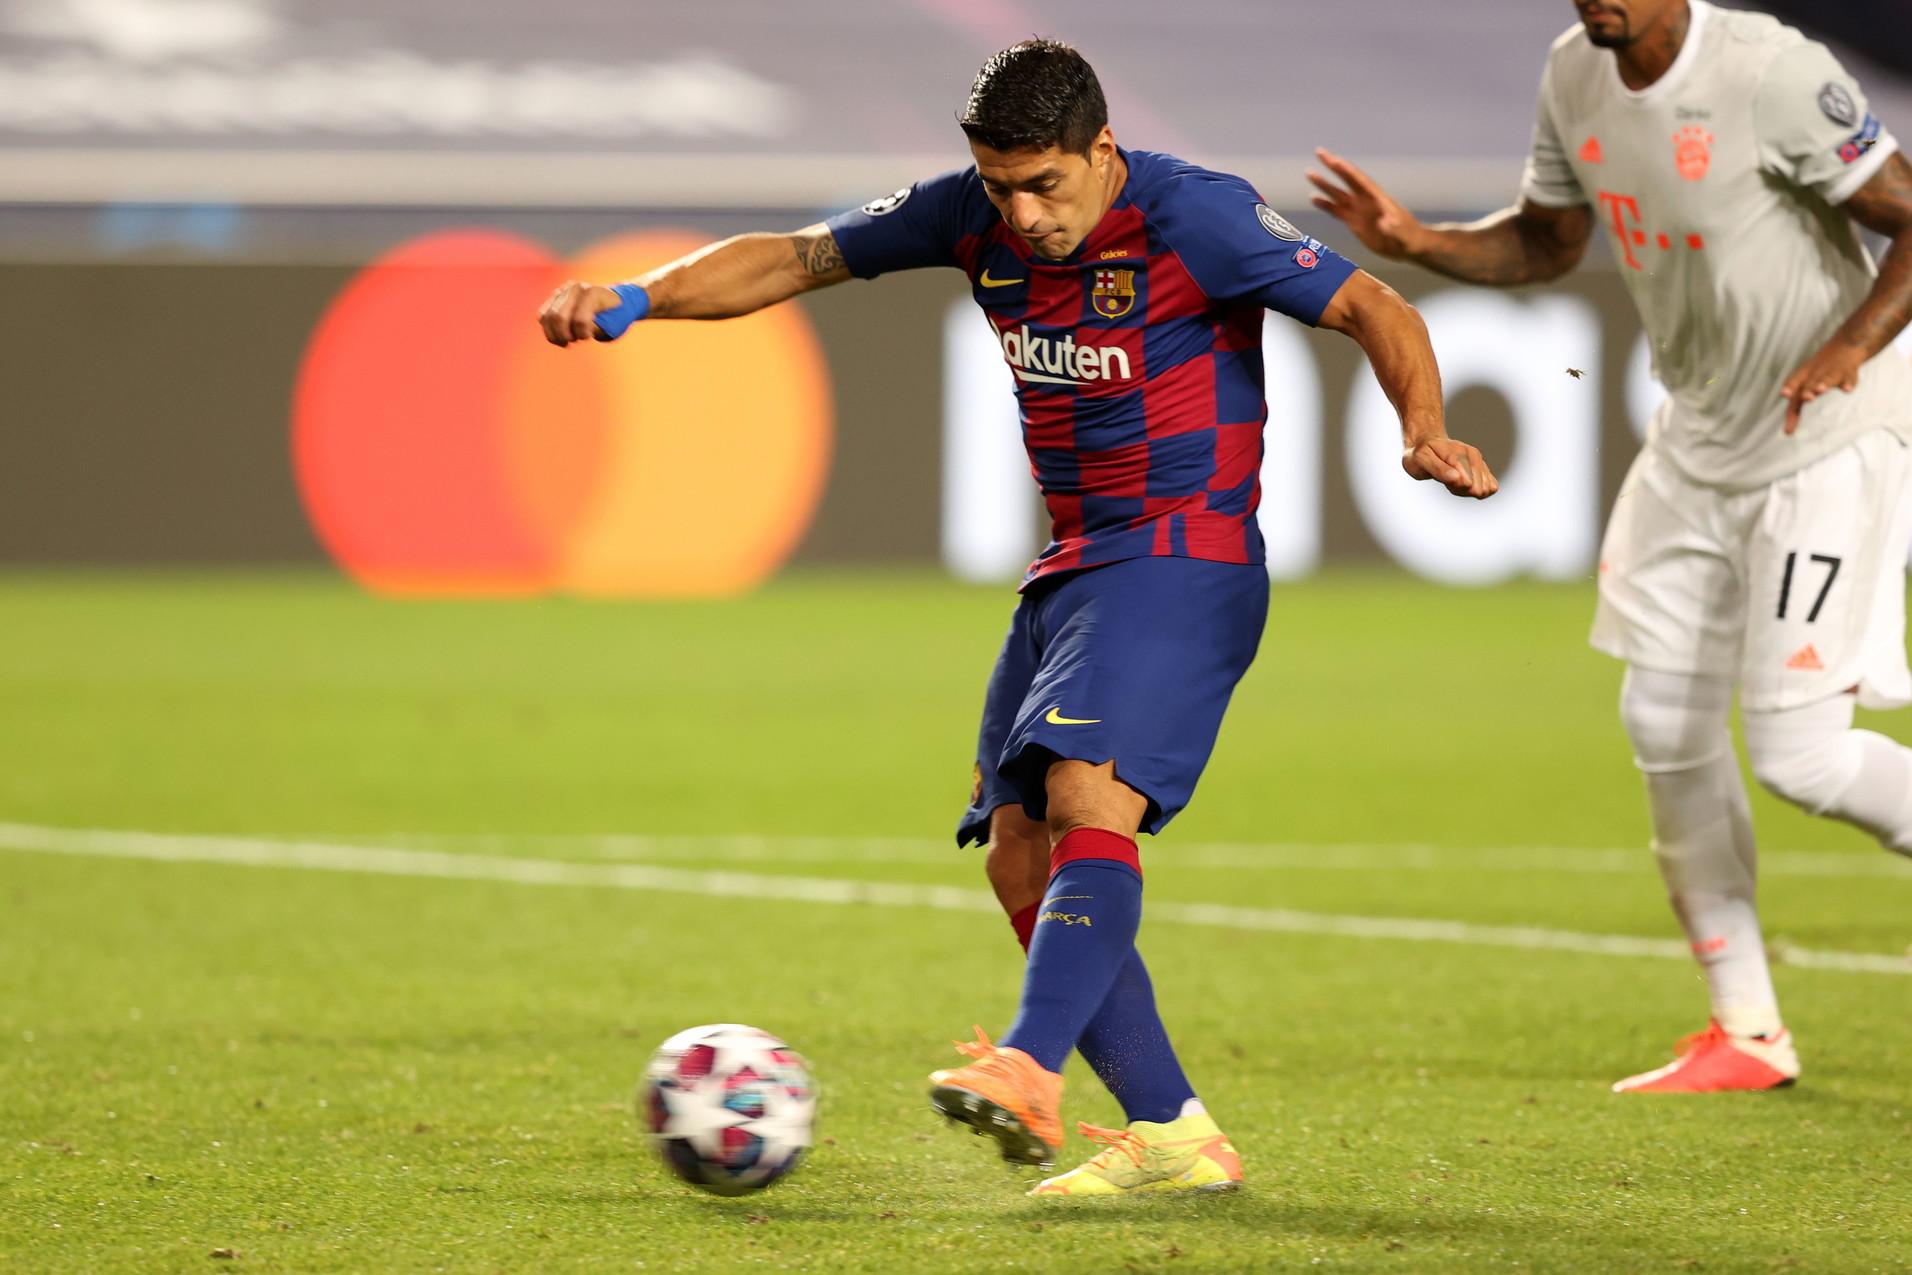 Luis Suarez: scaricato, si cerca la risoluzione del contratto